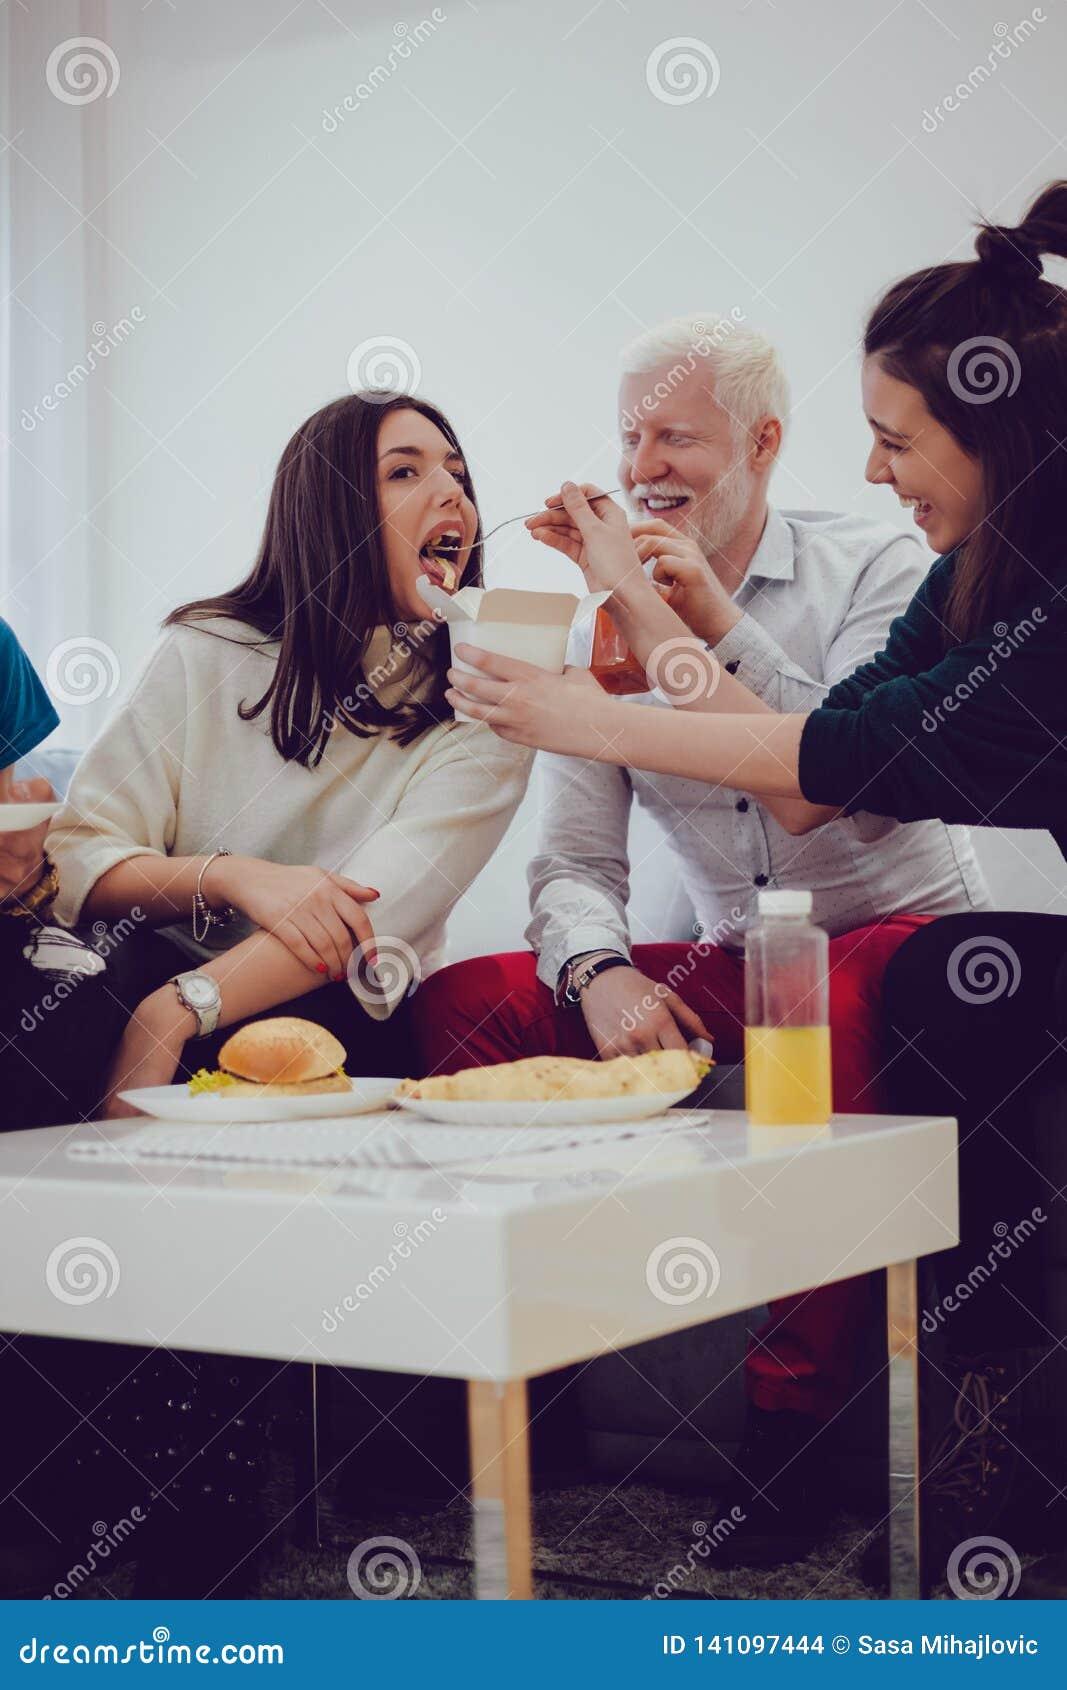 Amiga de alimentação da menina com massa quando os amigos sorrirem